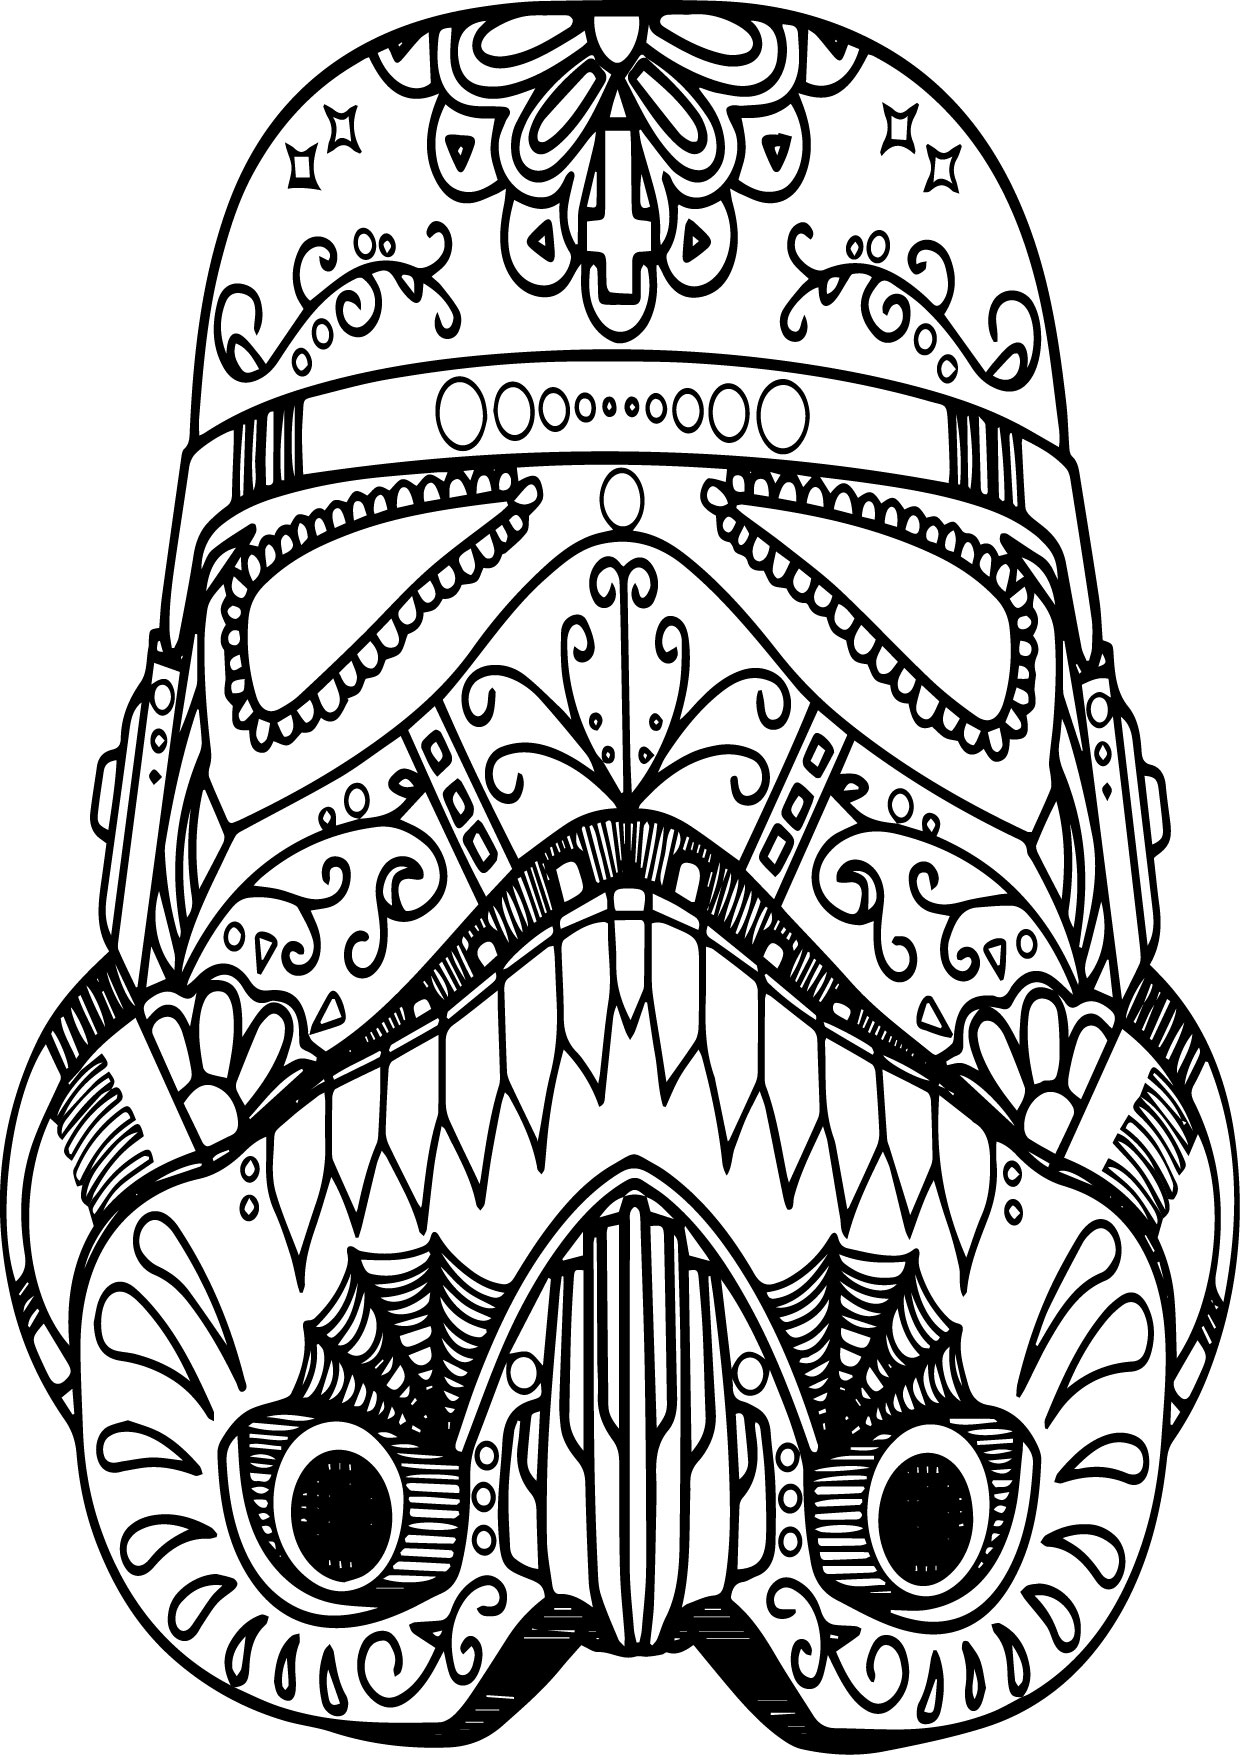 Mandala Mask Skull Coloring Page | Wecoloringpage